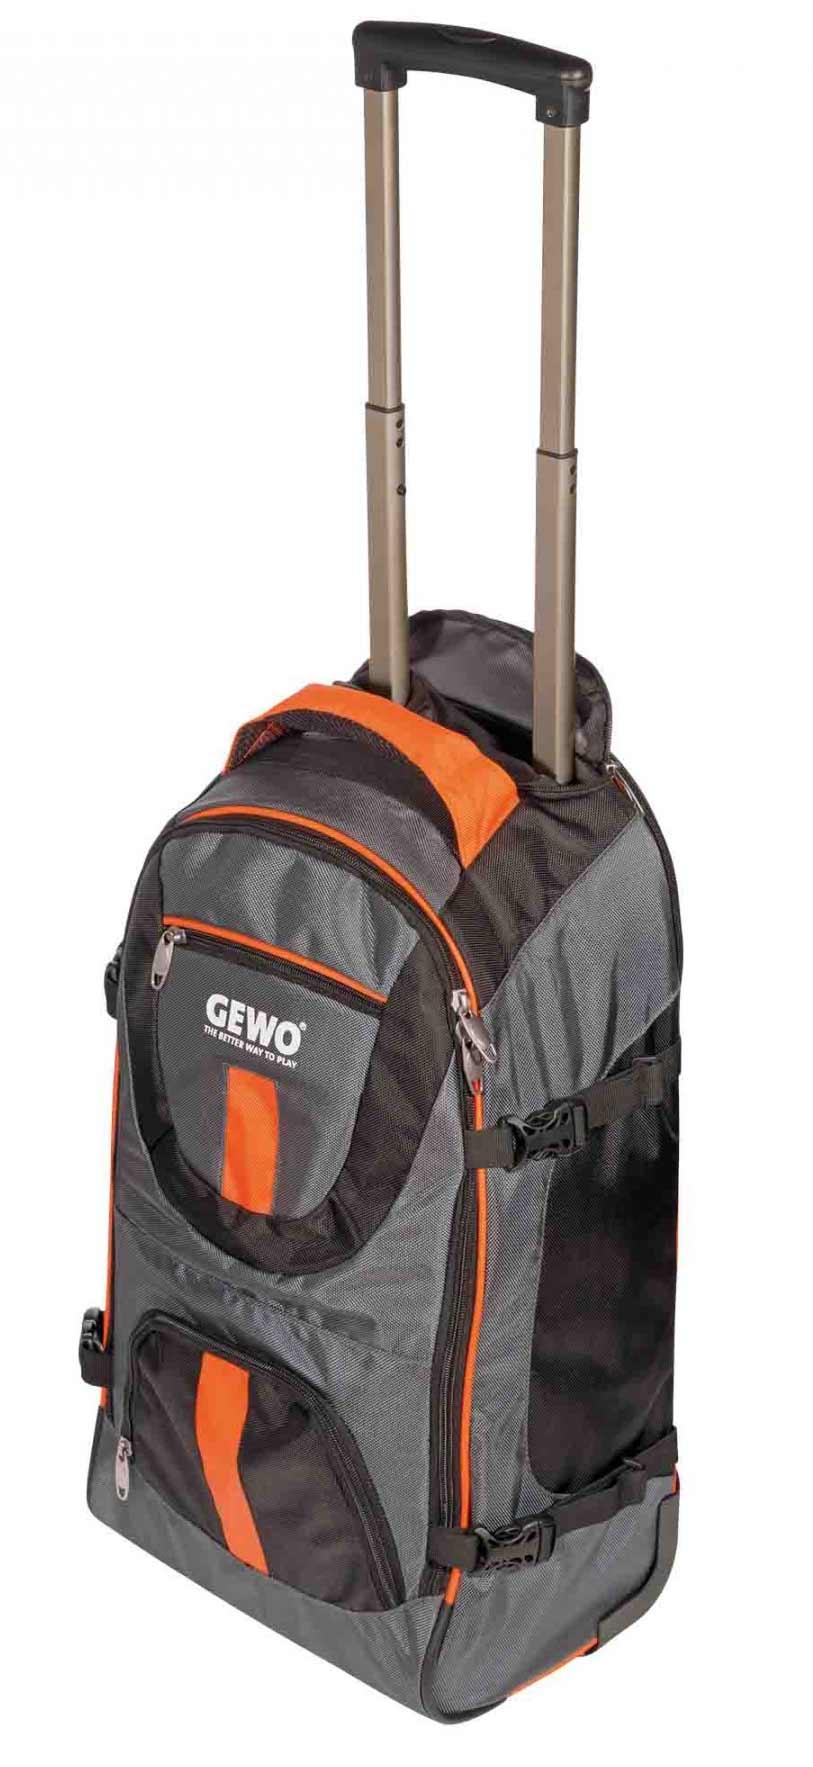 Сумка GEWO TROLLEY M серый-оранжевый